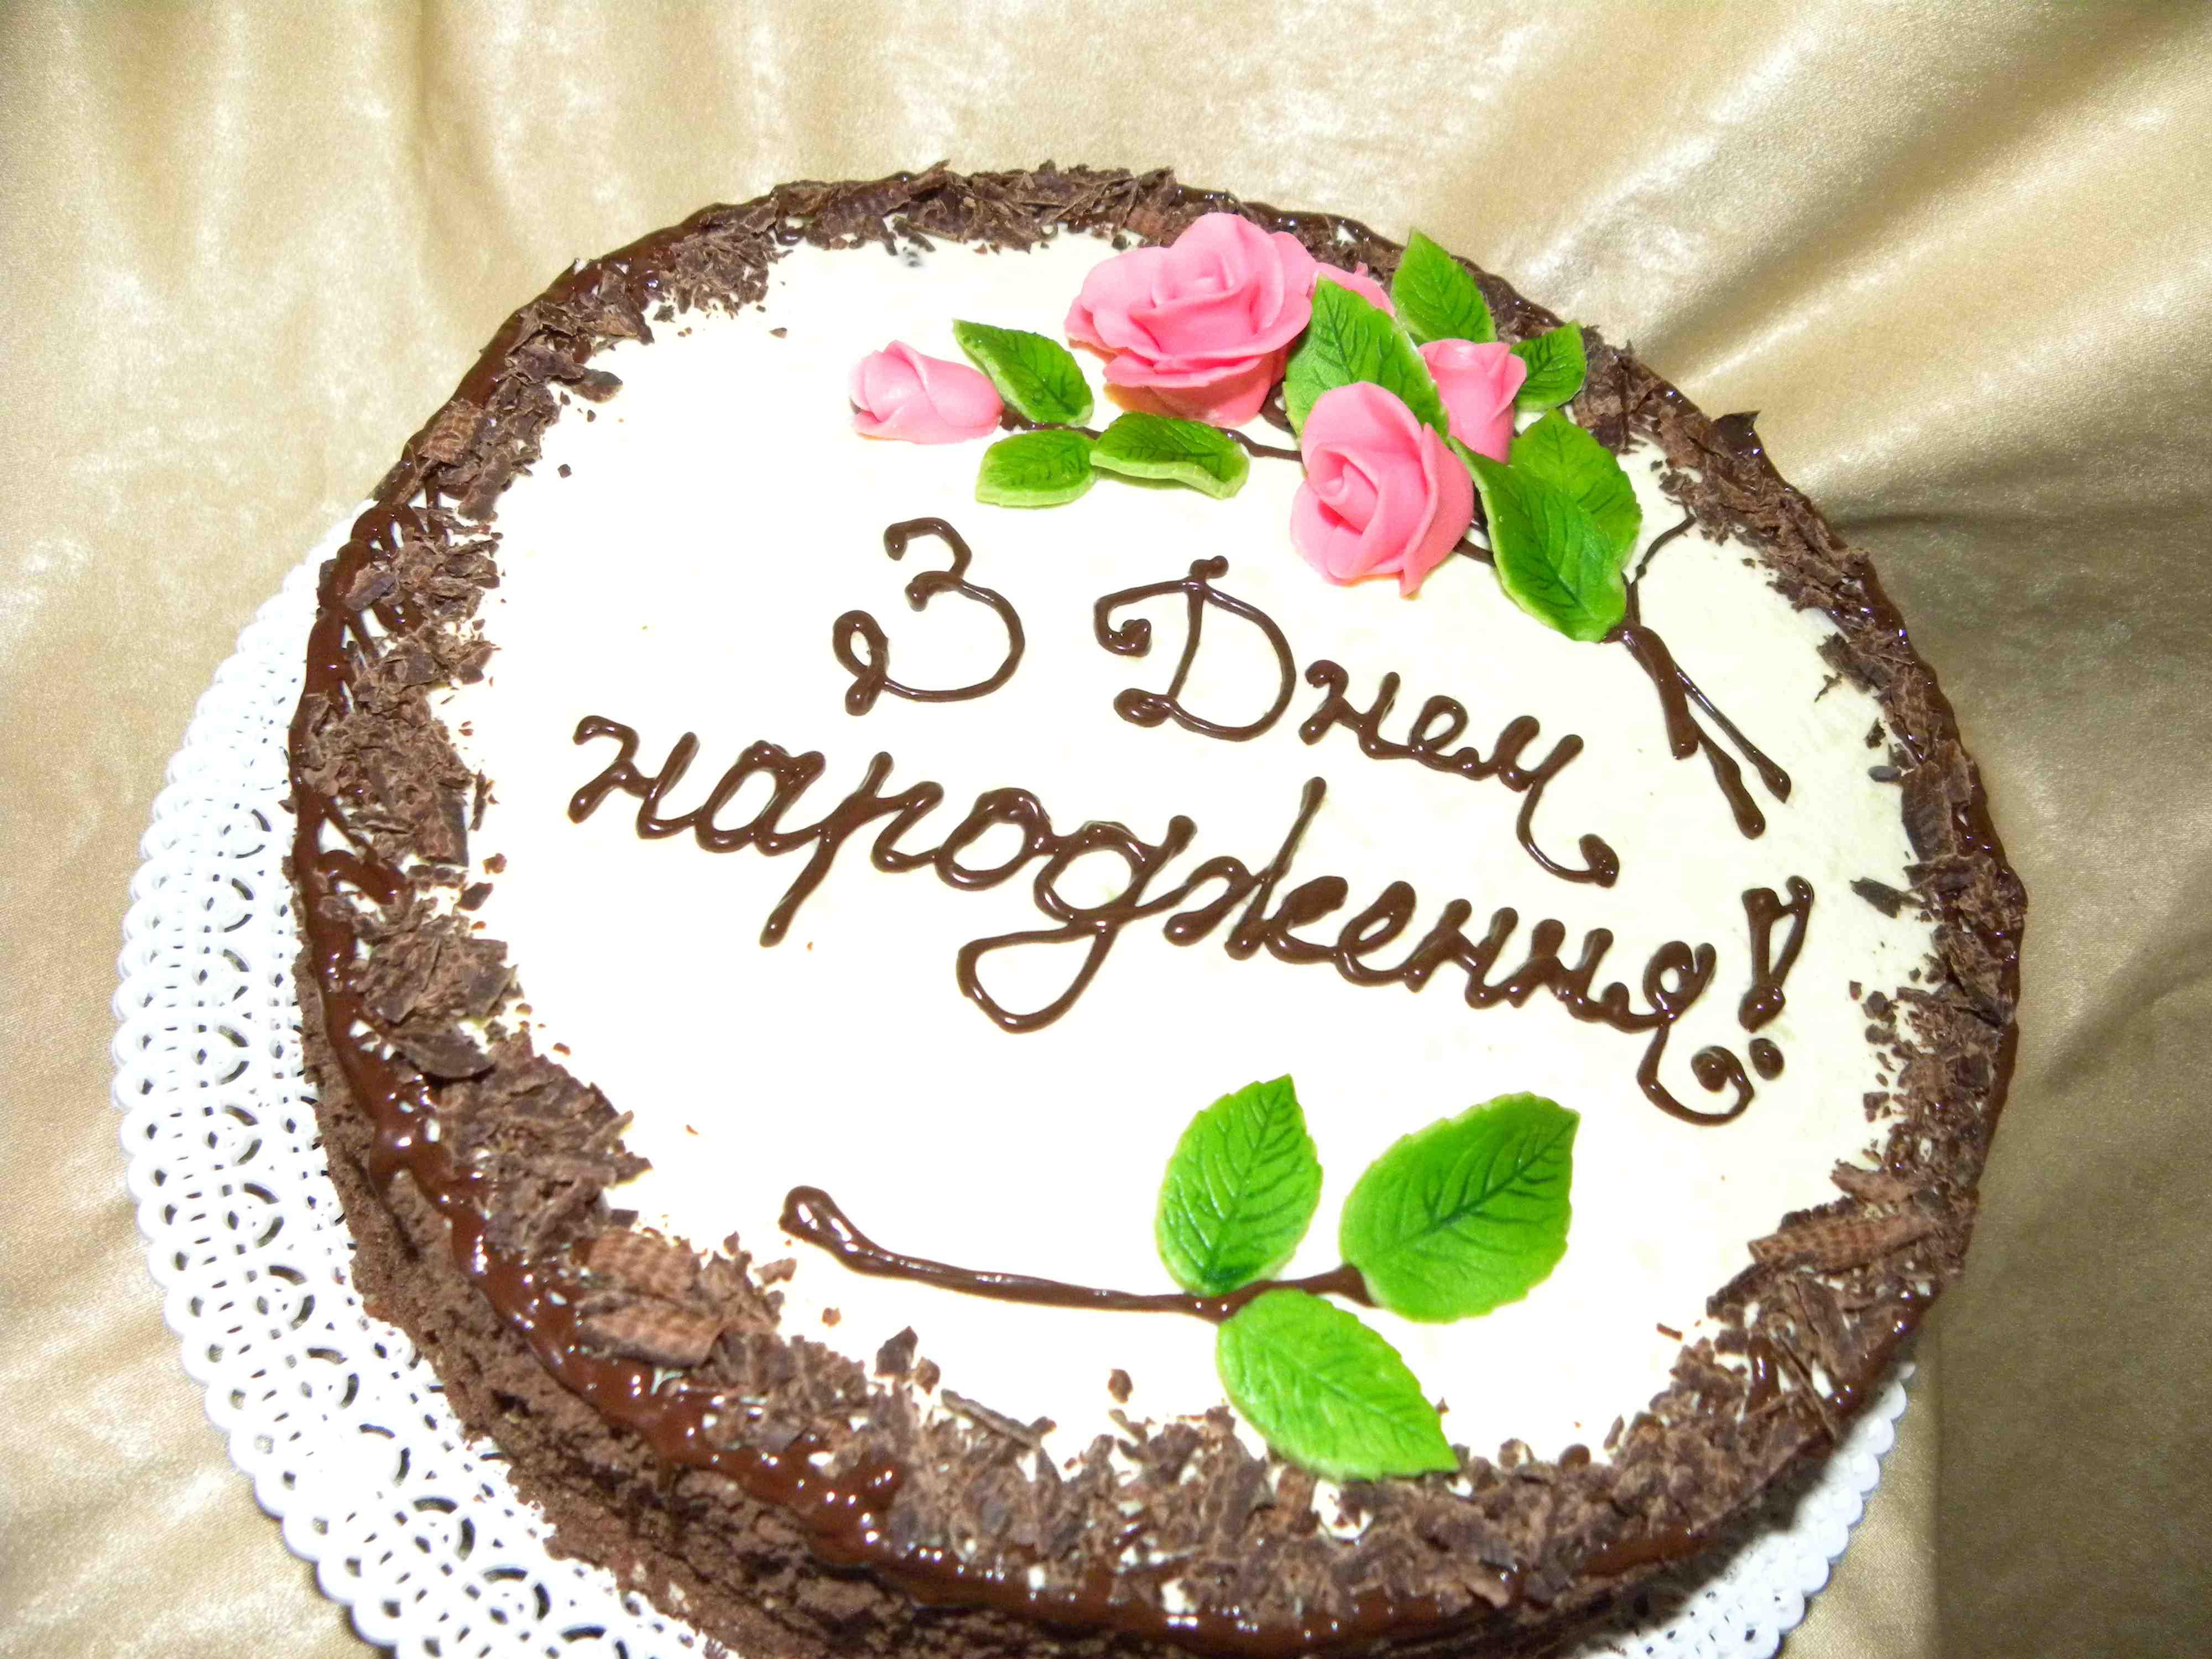 Анюта , з Днем Народження ! - Поздравляем с Днем рождения! - Форум ...